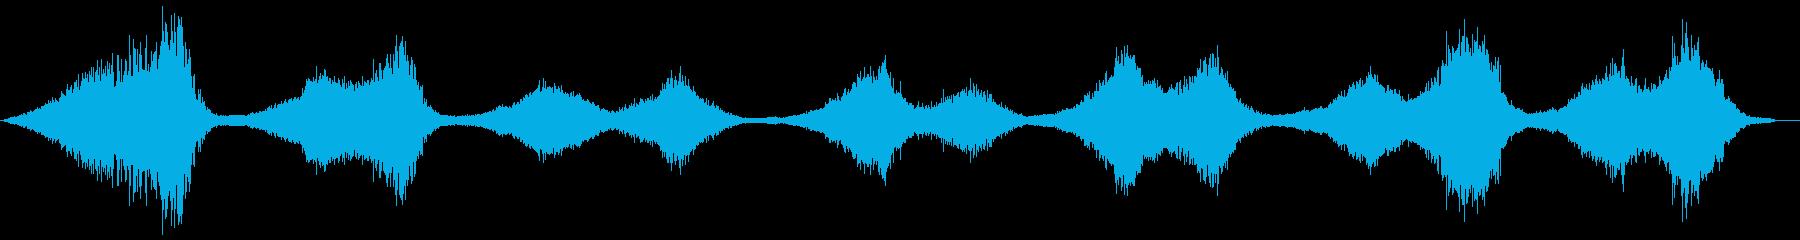 ヘビーエアリーブリージングSF&コ...の再生済みの波形